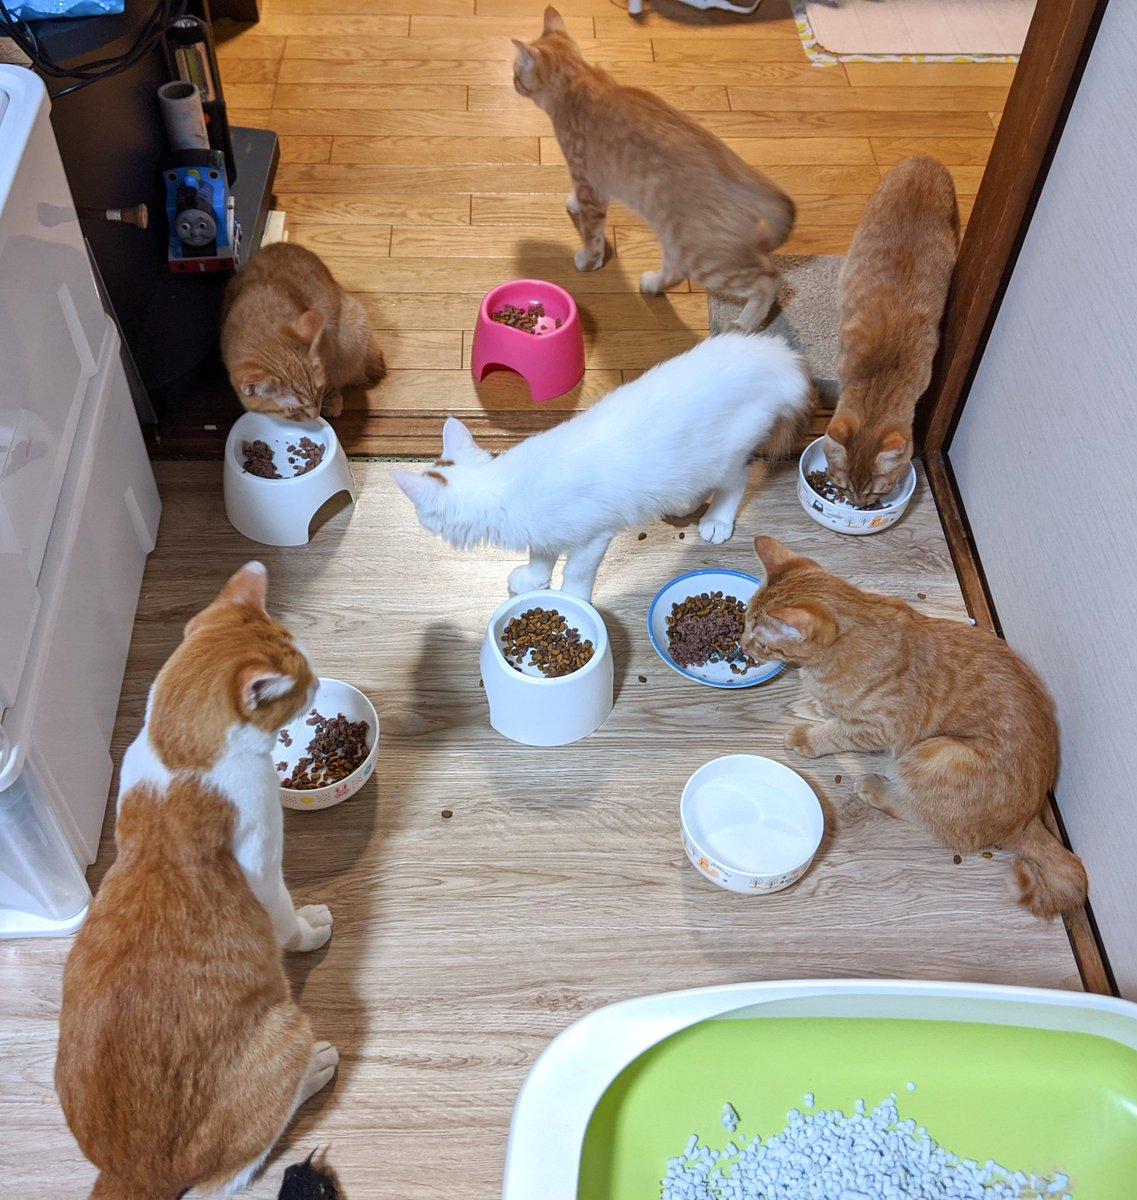 ぴぃも仲間入りでみんなでご飯😻 くろまめはわちゃわちゃしてるの苦手なので、離れて食べます✨ でかくなったなぁ〜🎶 #里親募集中 #野良猫 #保護猫 #庭の猫 #猫大好き #茶とら猫 #猫の親子 #黒猫 #三毛猫 #猫のいる暮らし #猫の多頭飼 https://t.co/LWLUj9rLL3